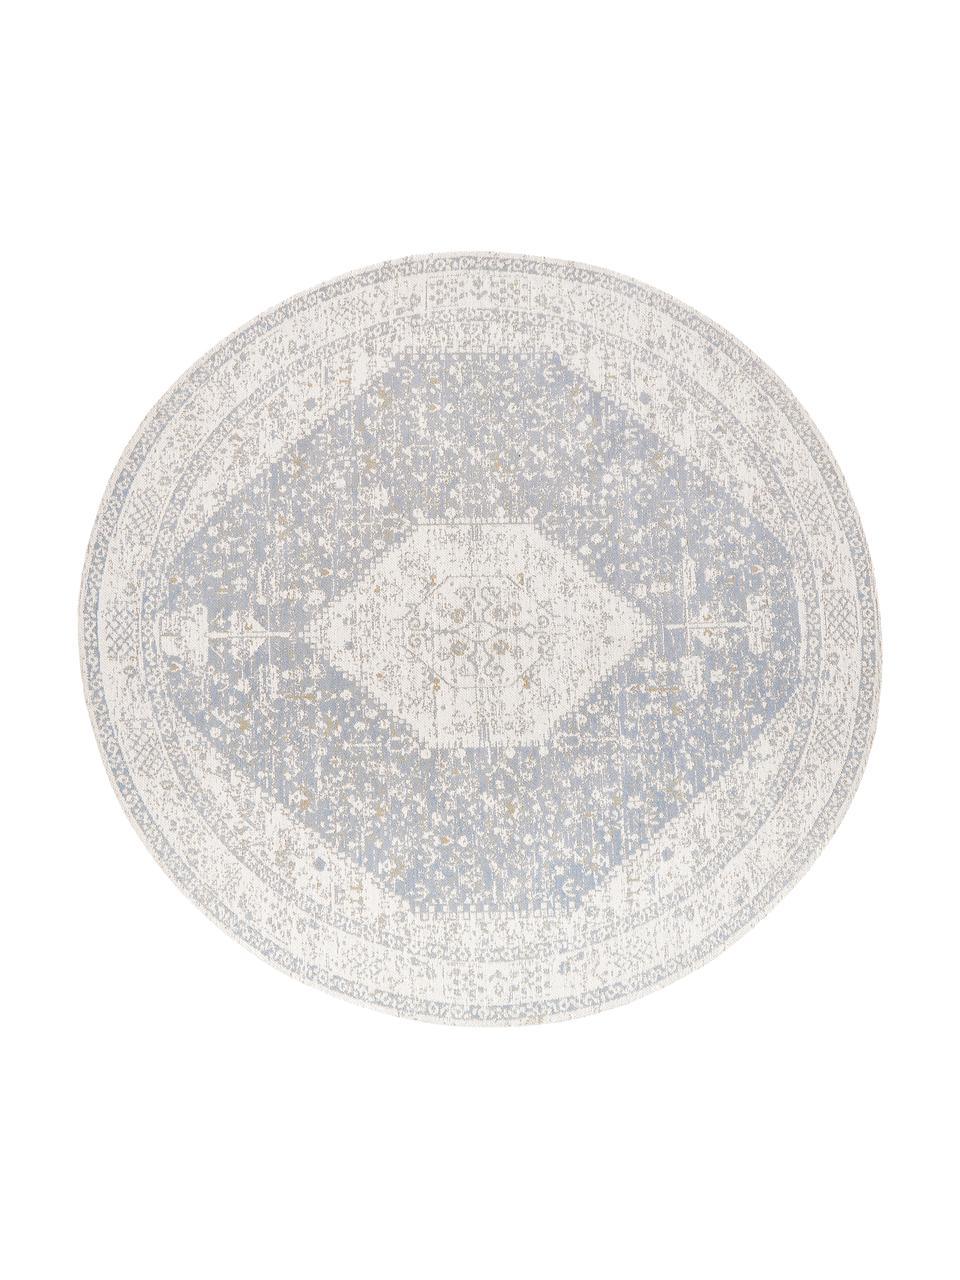 Rond chenille vloerkleed Neapel in vintage stijl, handgeweven, Bovenzijde: 95% katoen, 5% polyester, Onderzijde: 100% katoen, Lichtgrijs, crèmekleurig, taupe, Ø 150 cm (maat M)